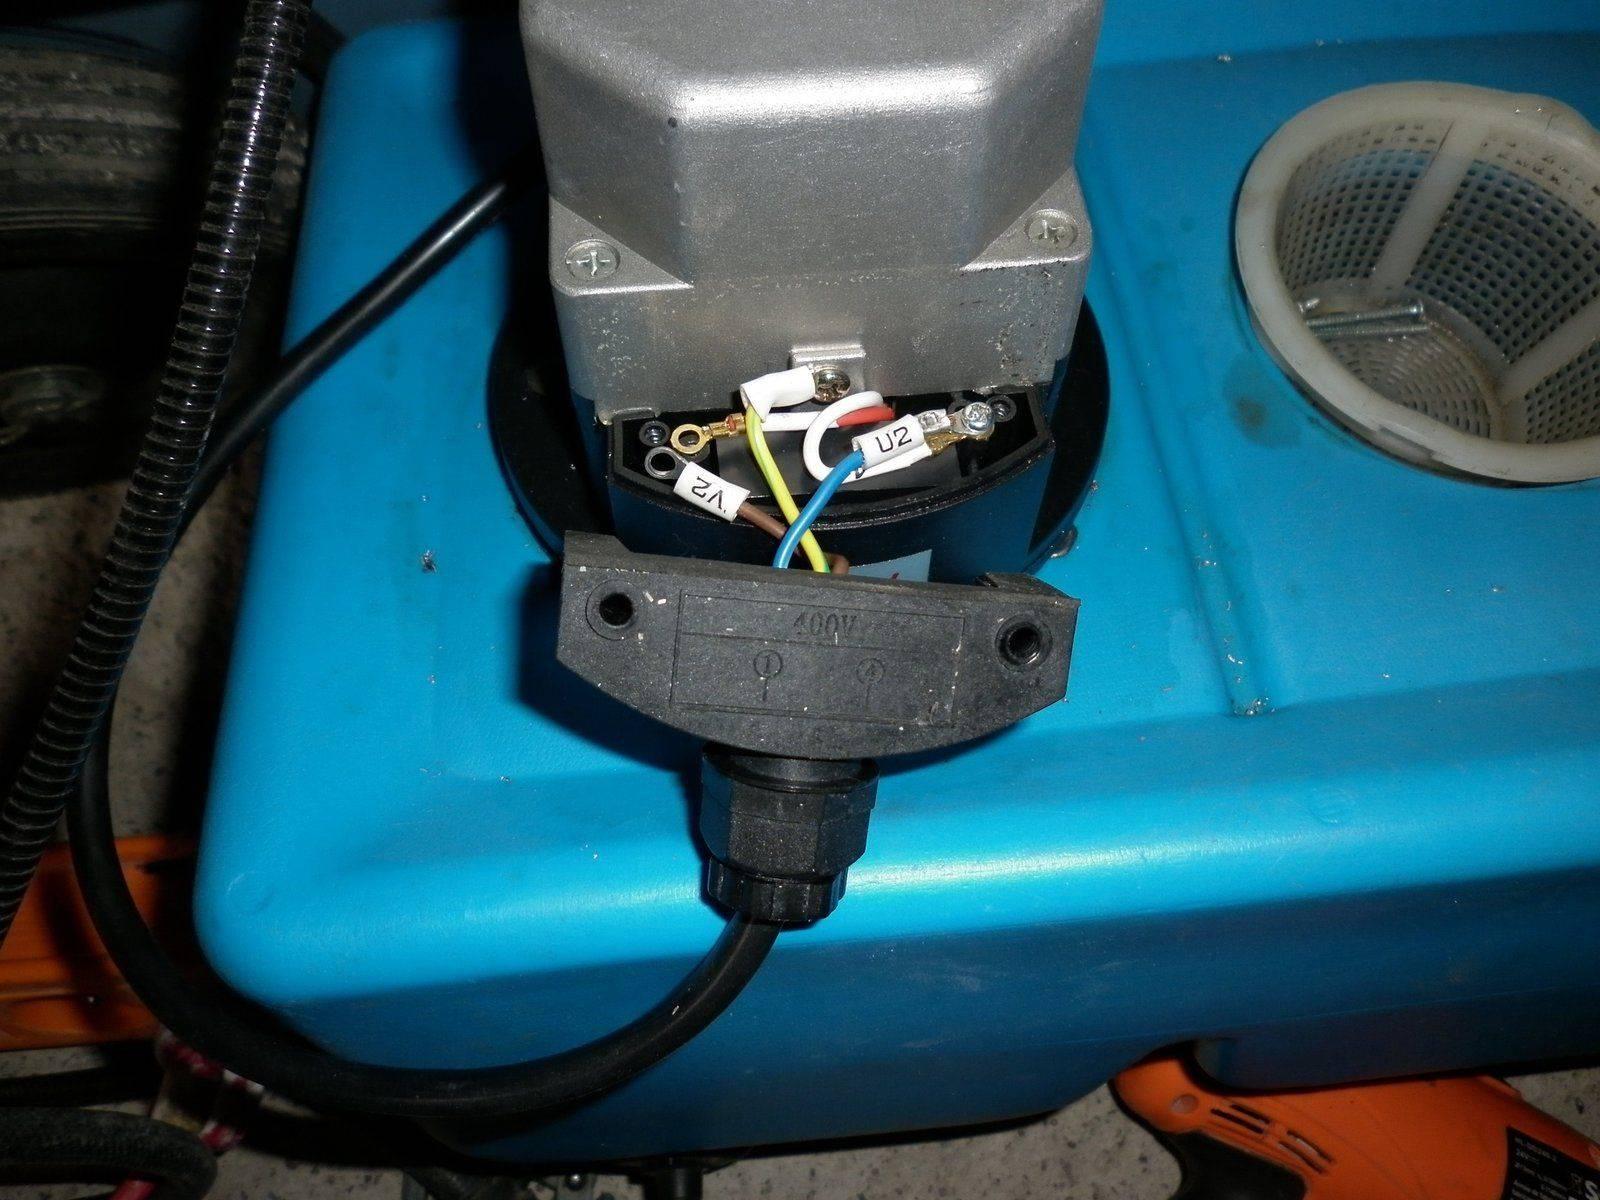 pompe cablâge extérieur d'origine.JPG